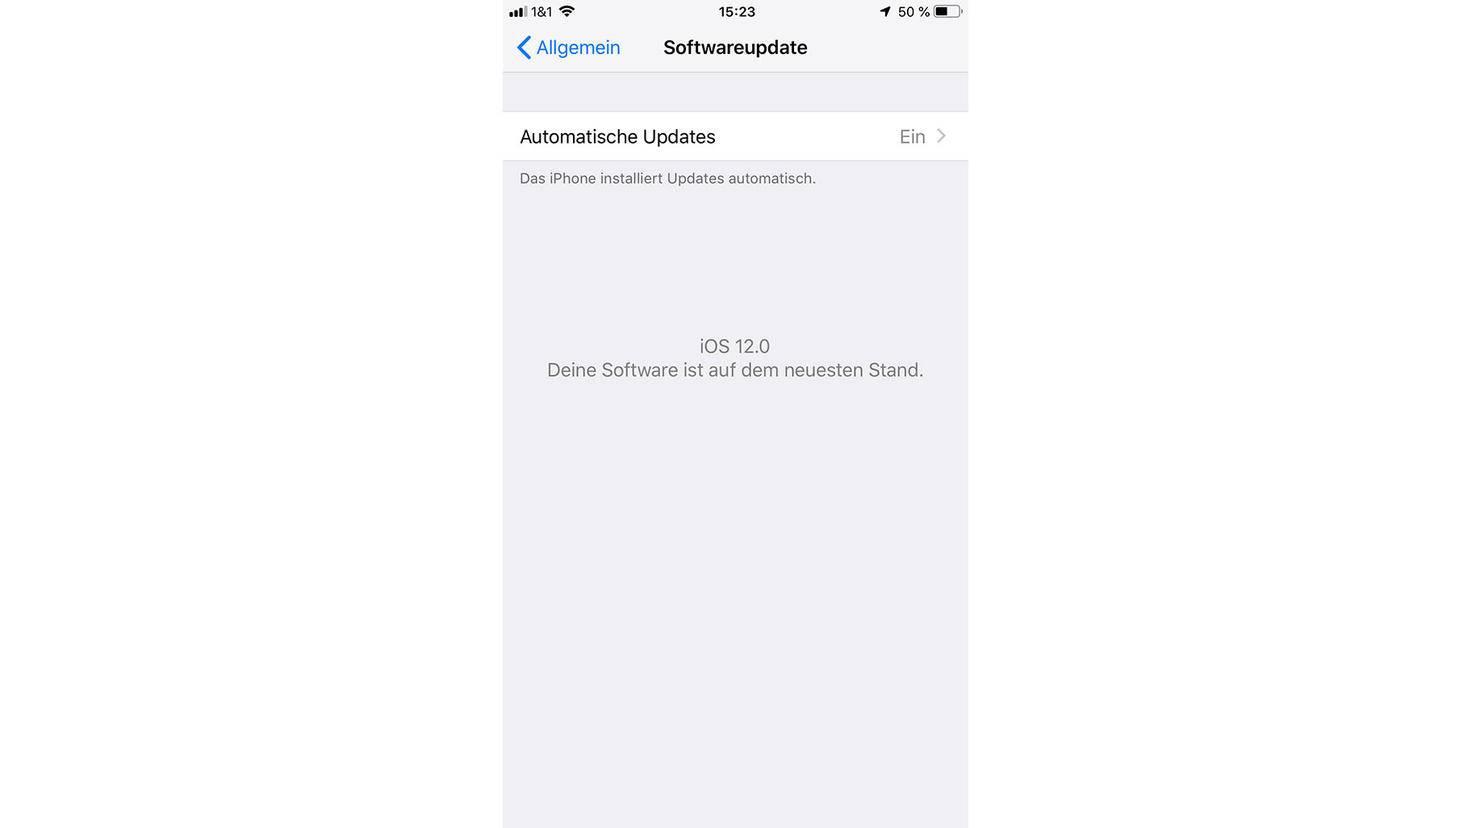 """Im Bereich Softwareupdate findest Du die neue Option """"Automatische Updates""""."""